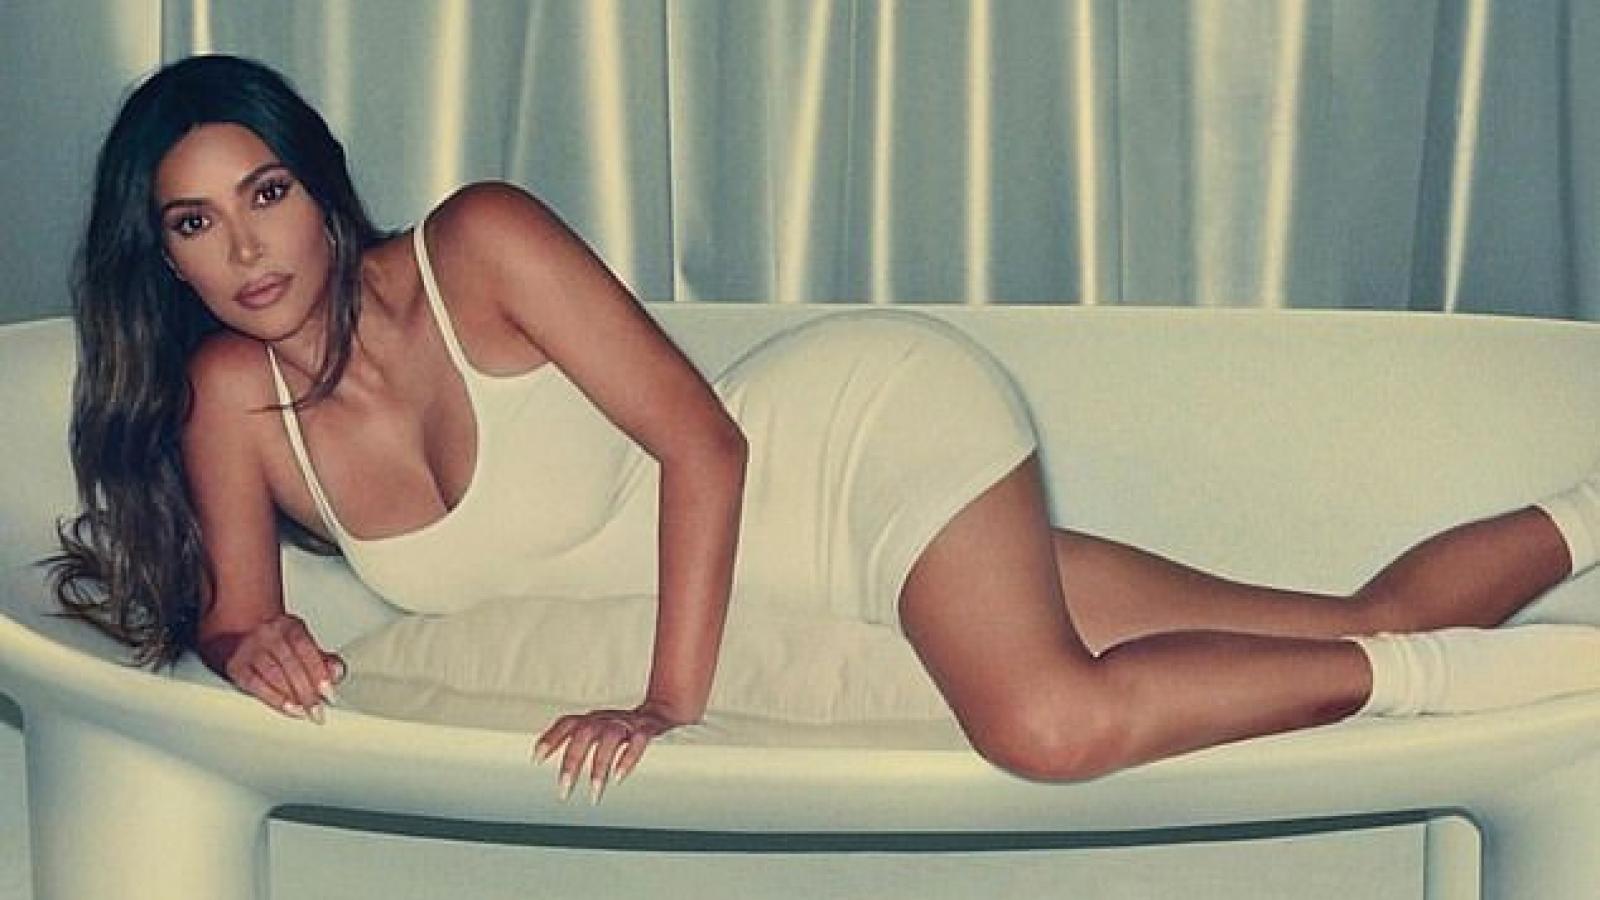 Kim Kardashian nóng bỏng trong hình ảnh mới sau ồn ào ly hôn